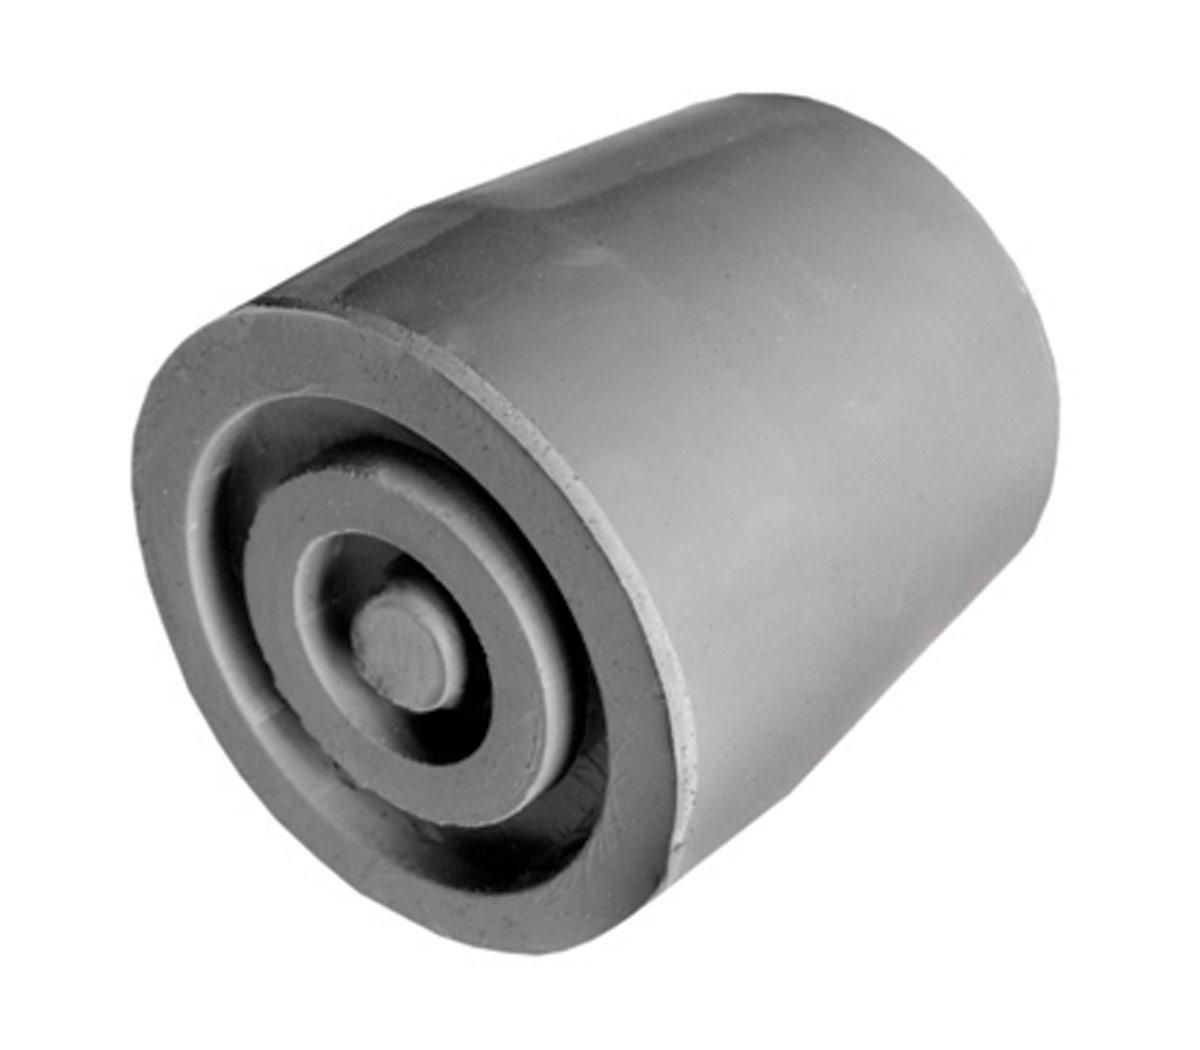 Stokdoppen grijs